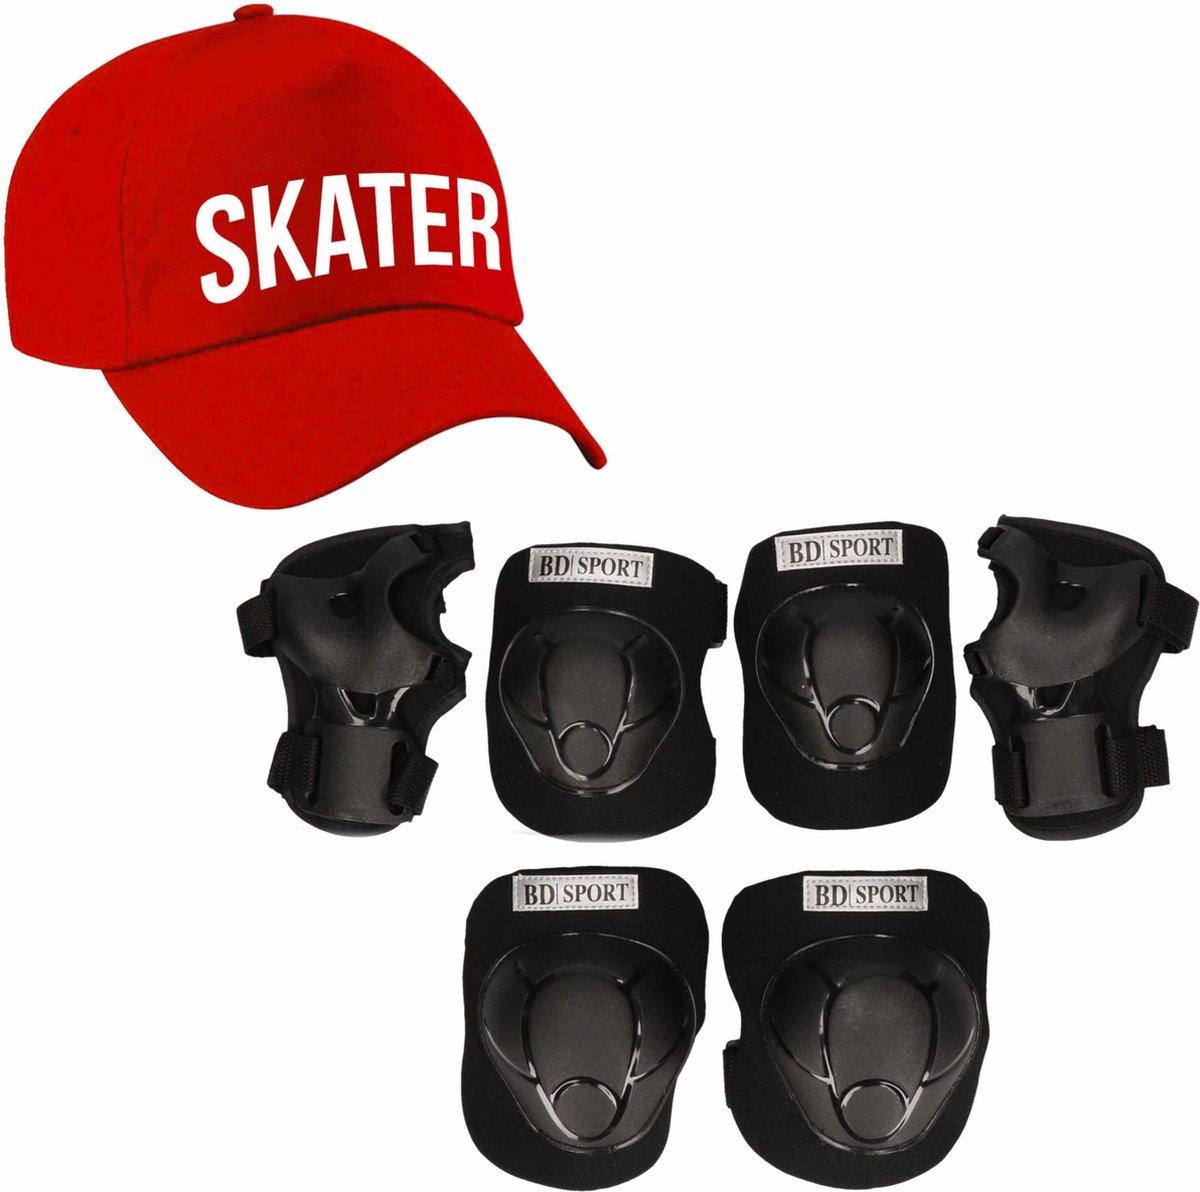 Set van valbescherming voor kinderen maat M / 6 tot 8 jaar met een stoere SKATER pet rood